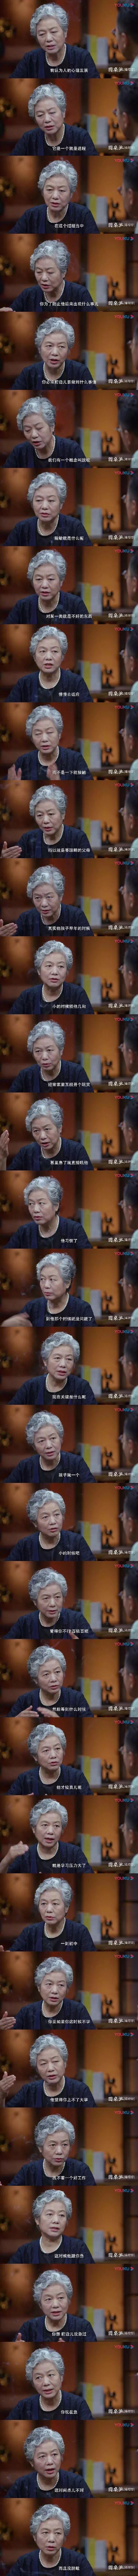 八张长图,李玫瑾教授手把手传授亲子沟通秘笈!